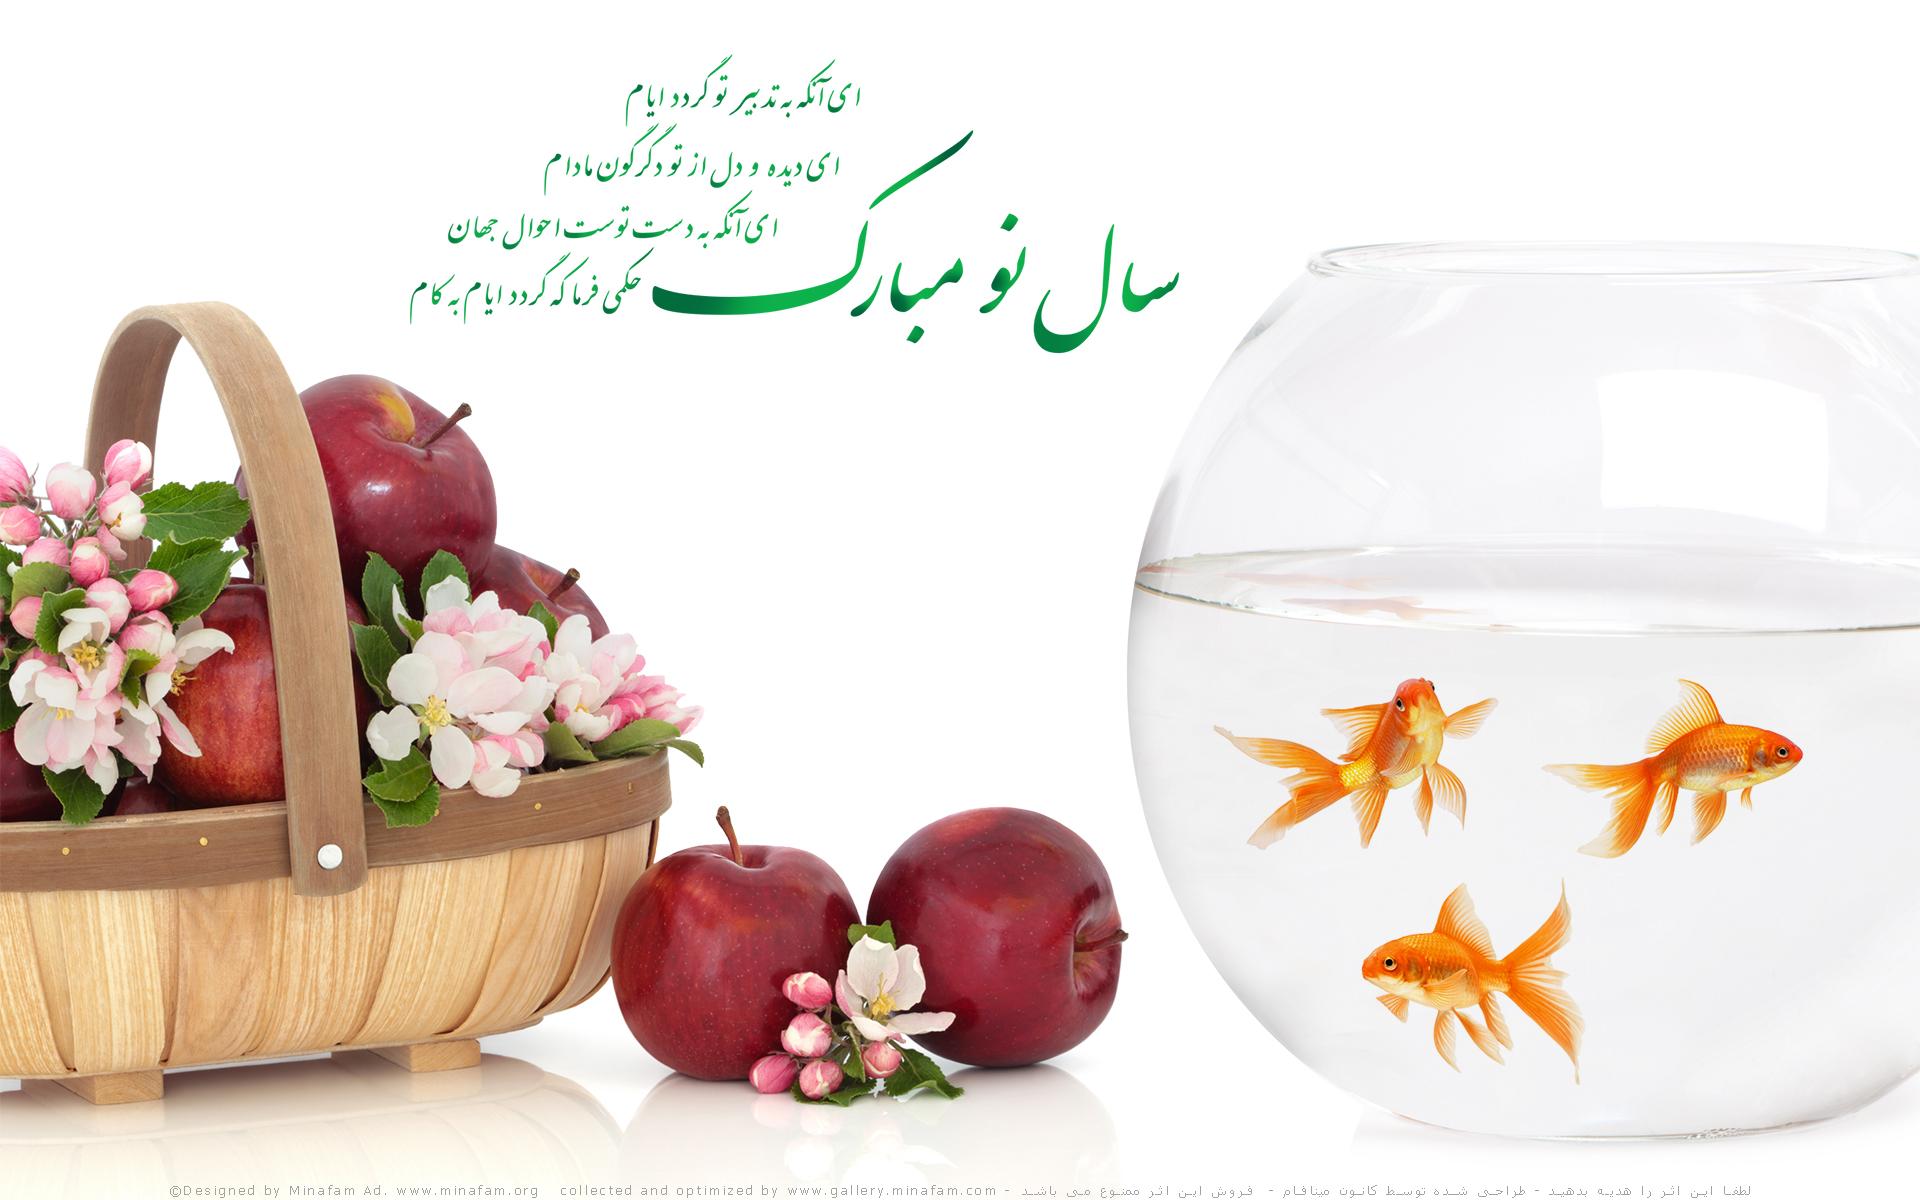 اس ام اس مخصوص تبریک عید نوروز 1396